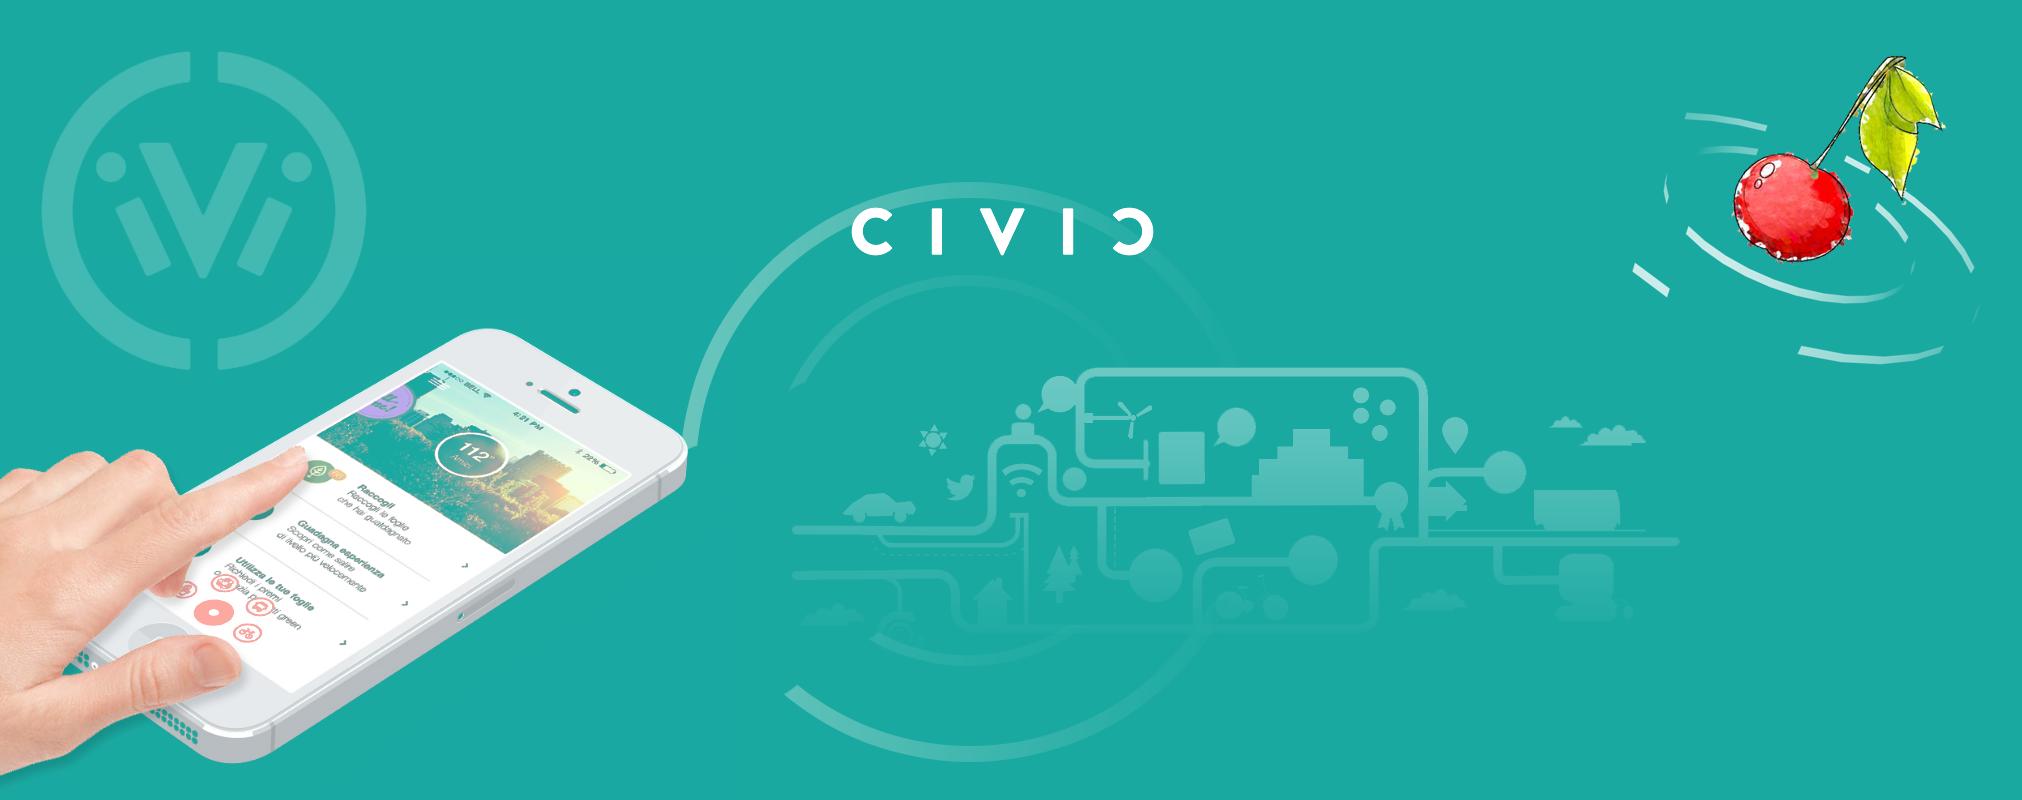 Civic: la app che ti premia